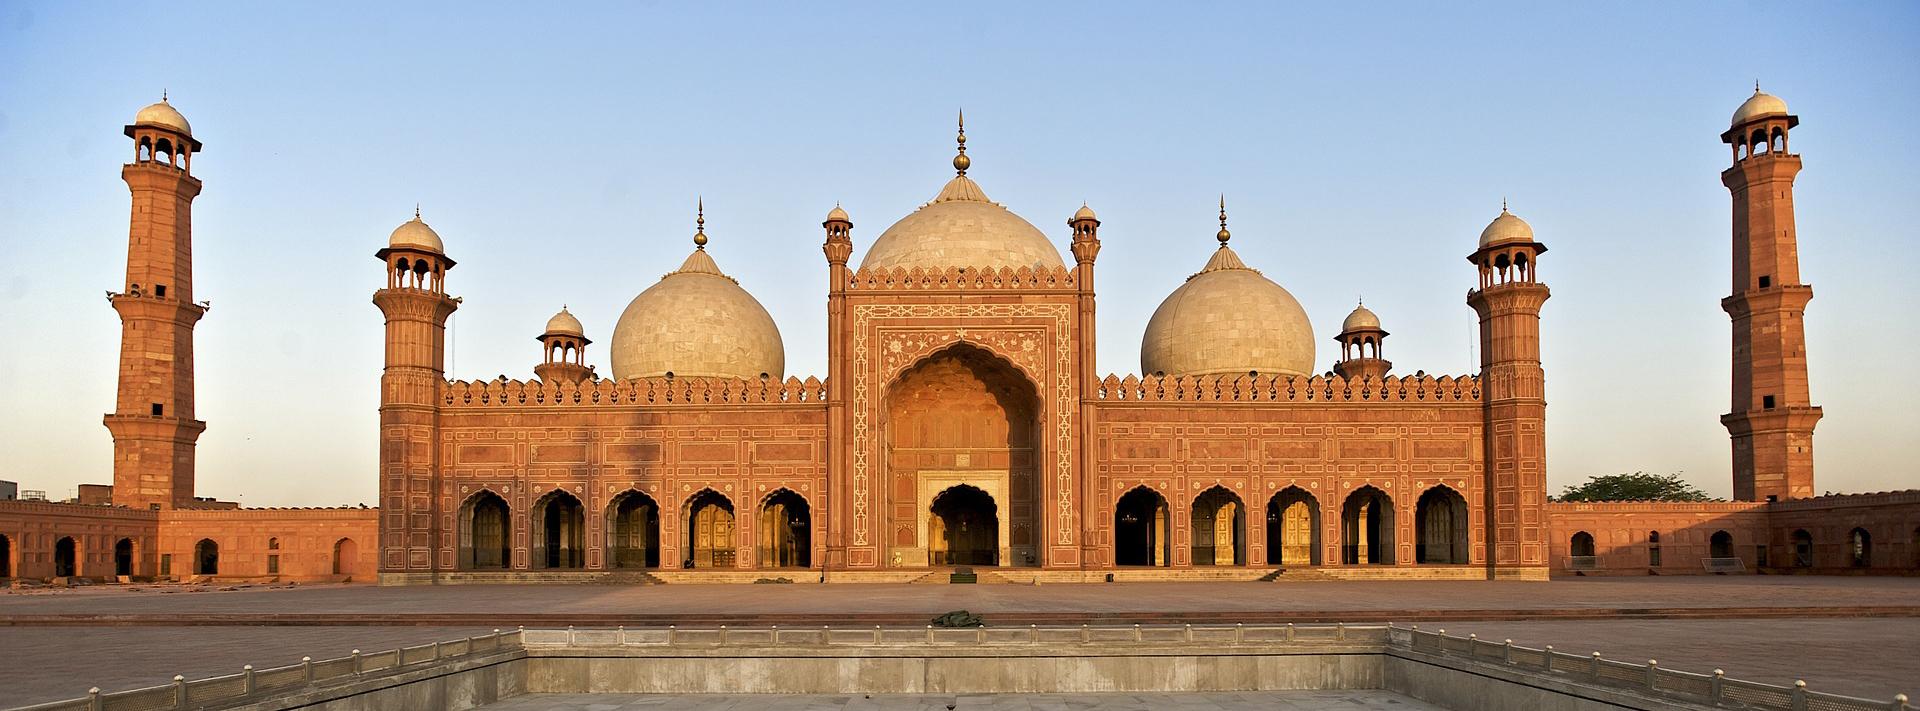 Zu den Lahore Sehenswürdigkeiten zählt sicher auch die Badshahi Moschee